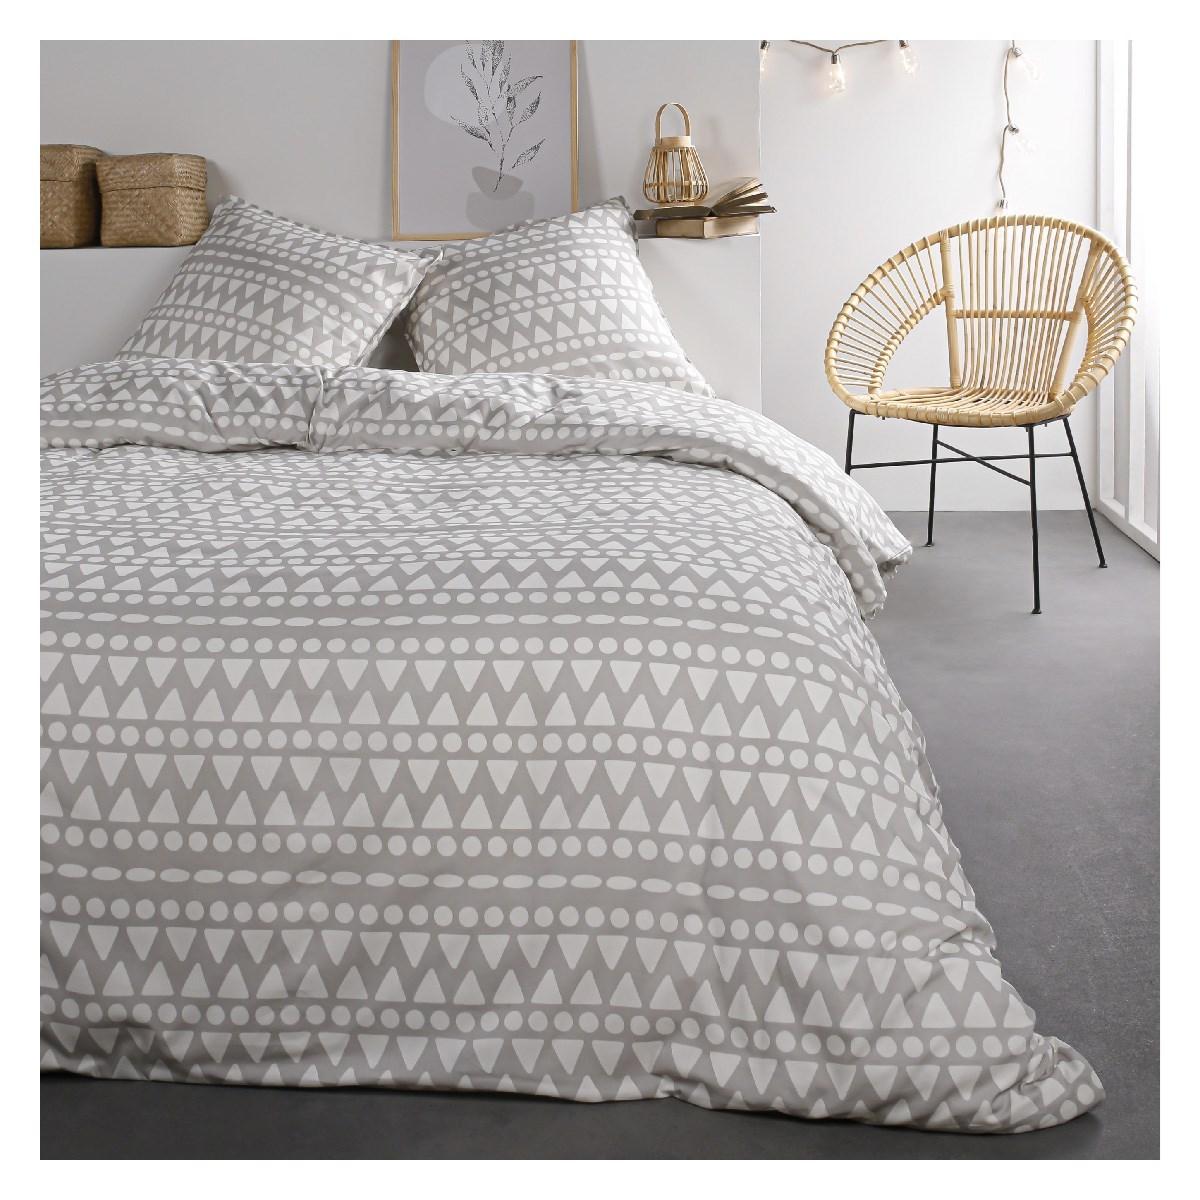 Parure de lit 2 personnes imprimé en Coton Gris 220x240 cm